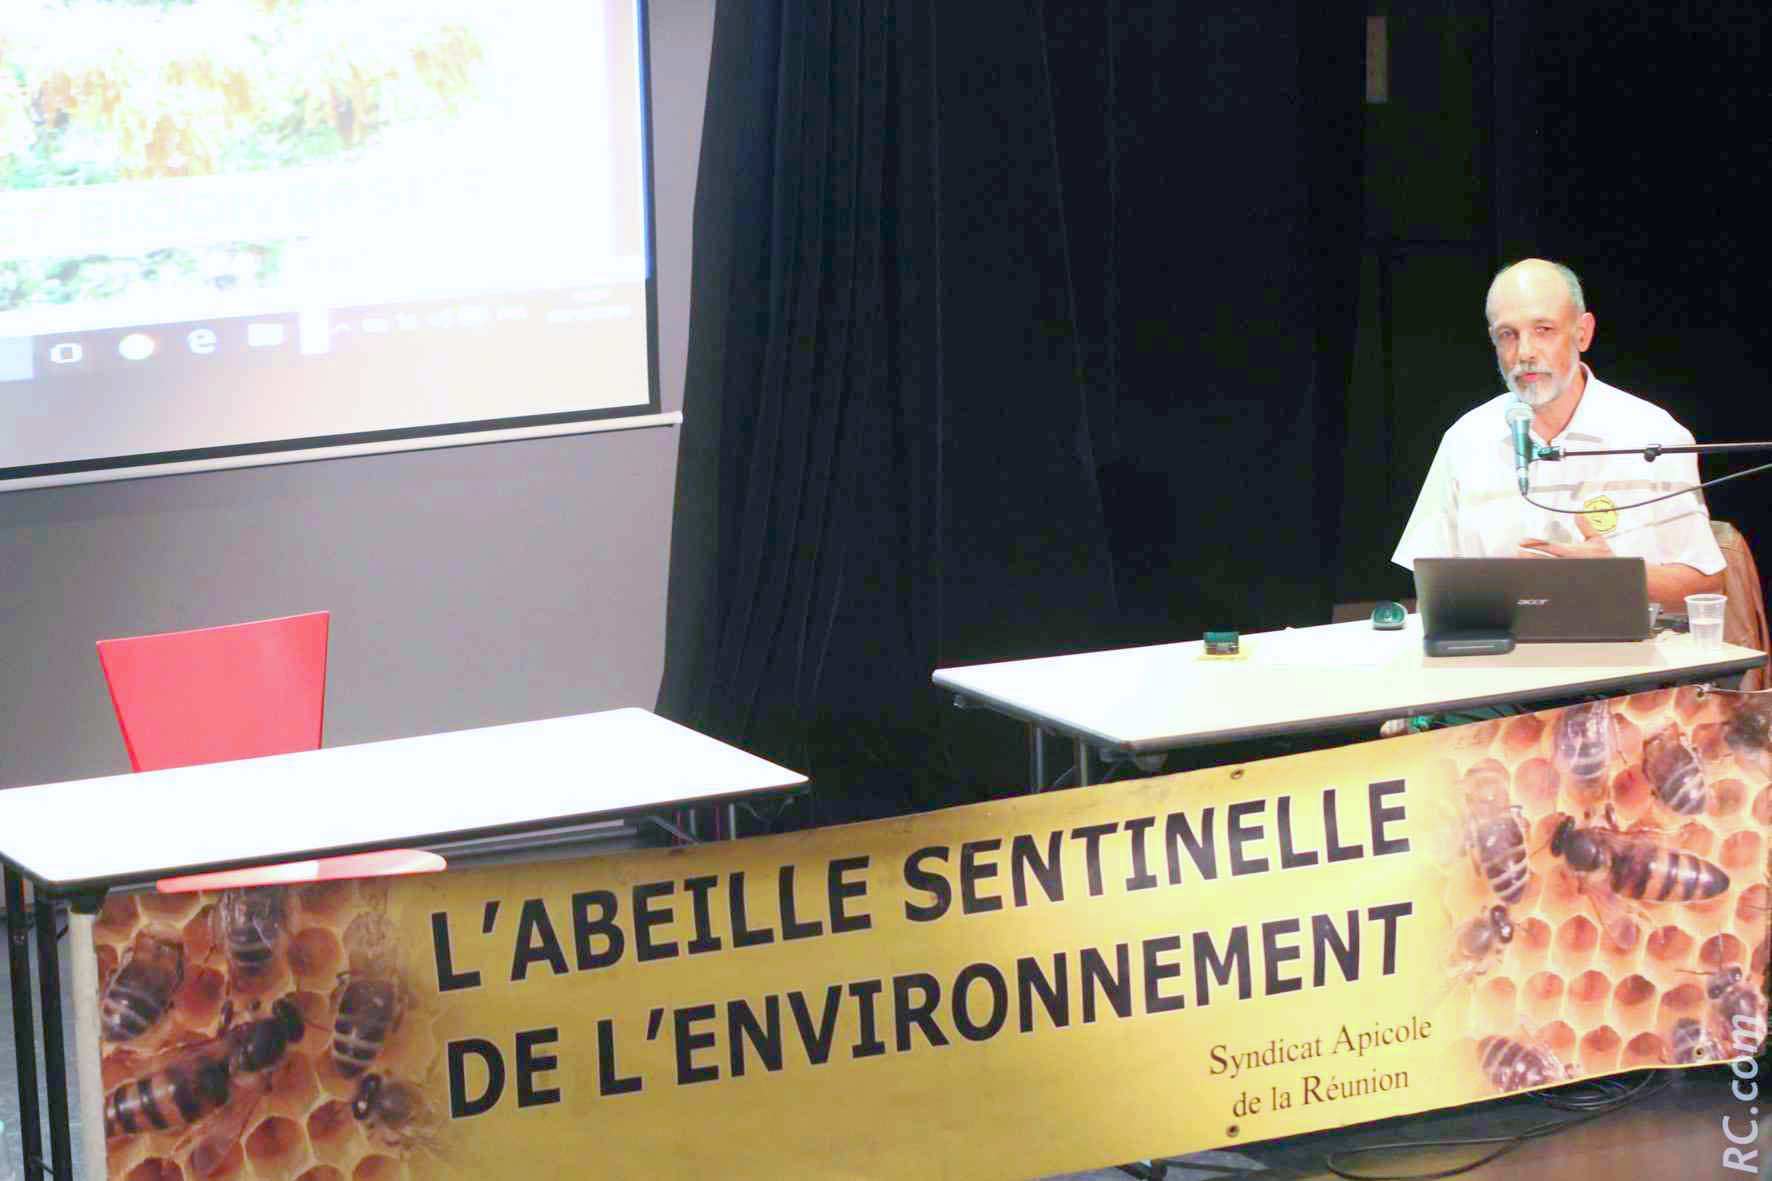 Le conférencier François Payet, président du Syndicat Apicole de la Réunion